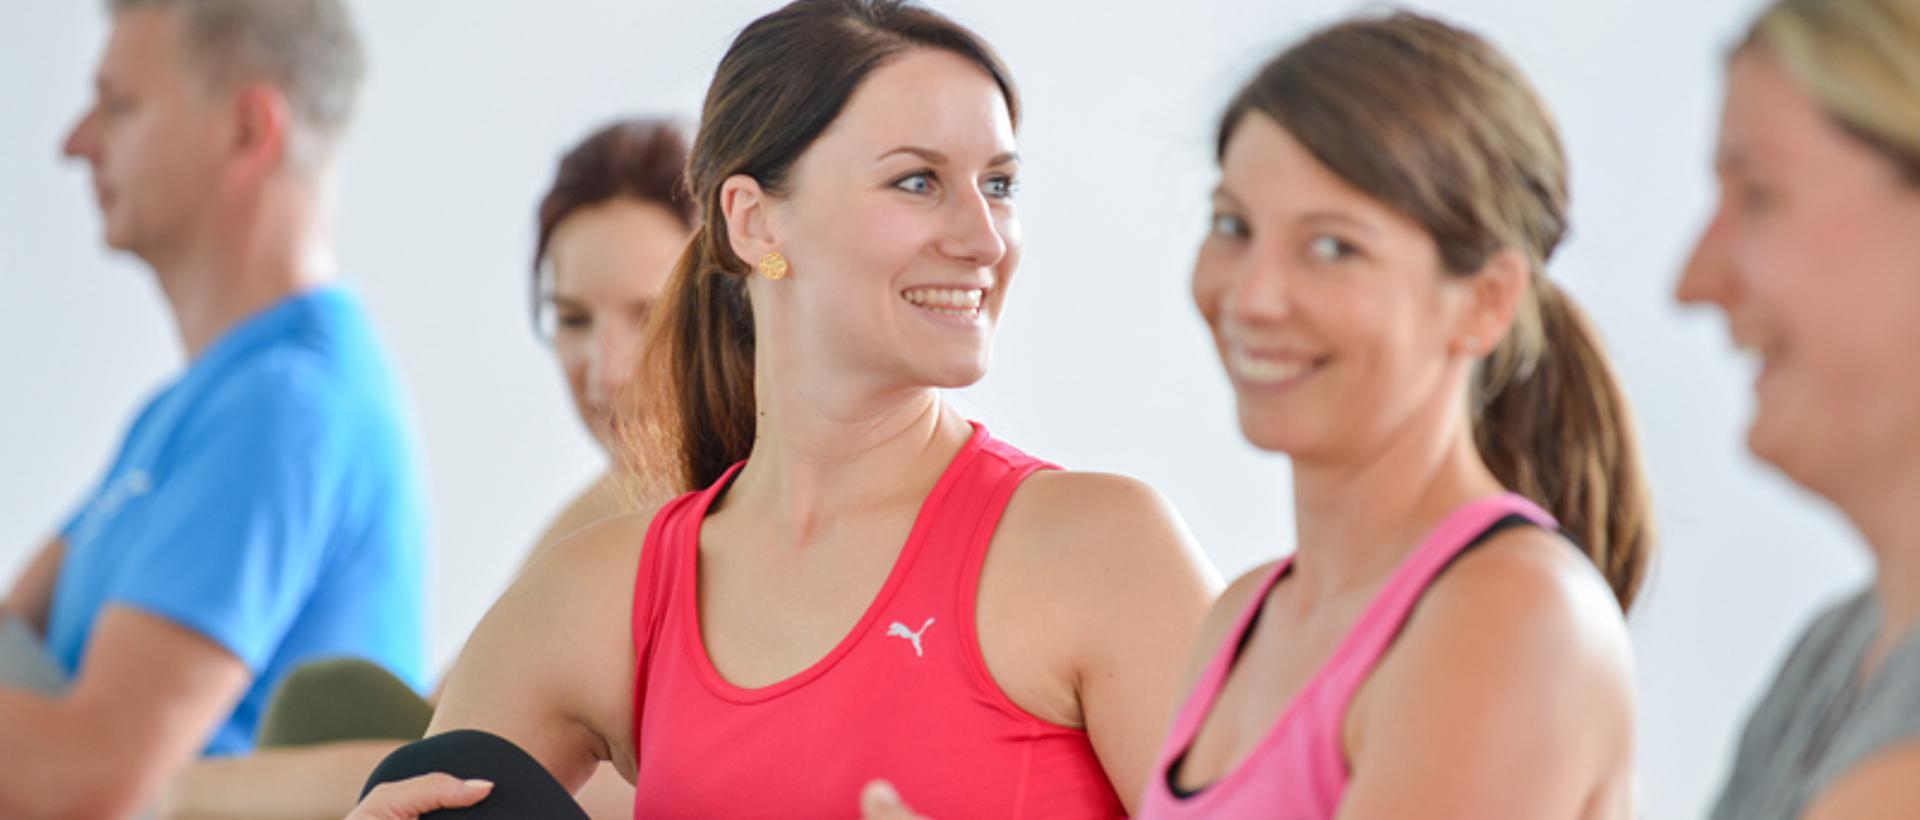 Yogaakademie2.jpg